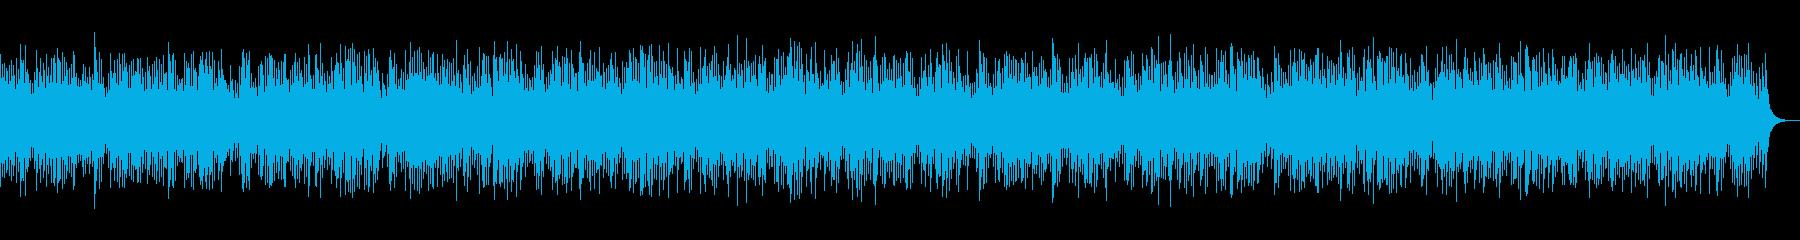 どこかで聴いたようなやさしいオルゴールの再生済みの波形